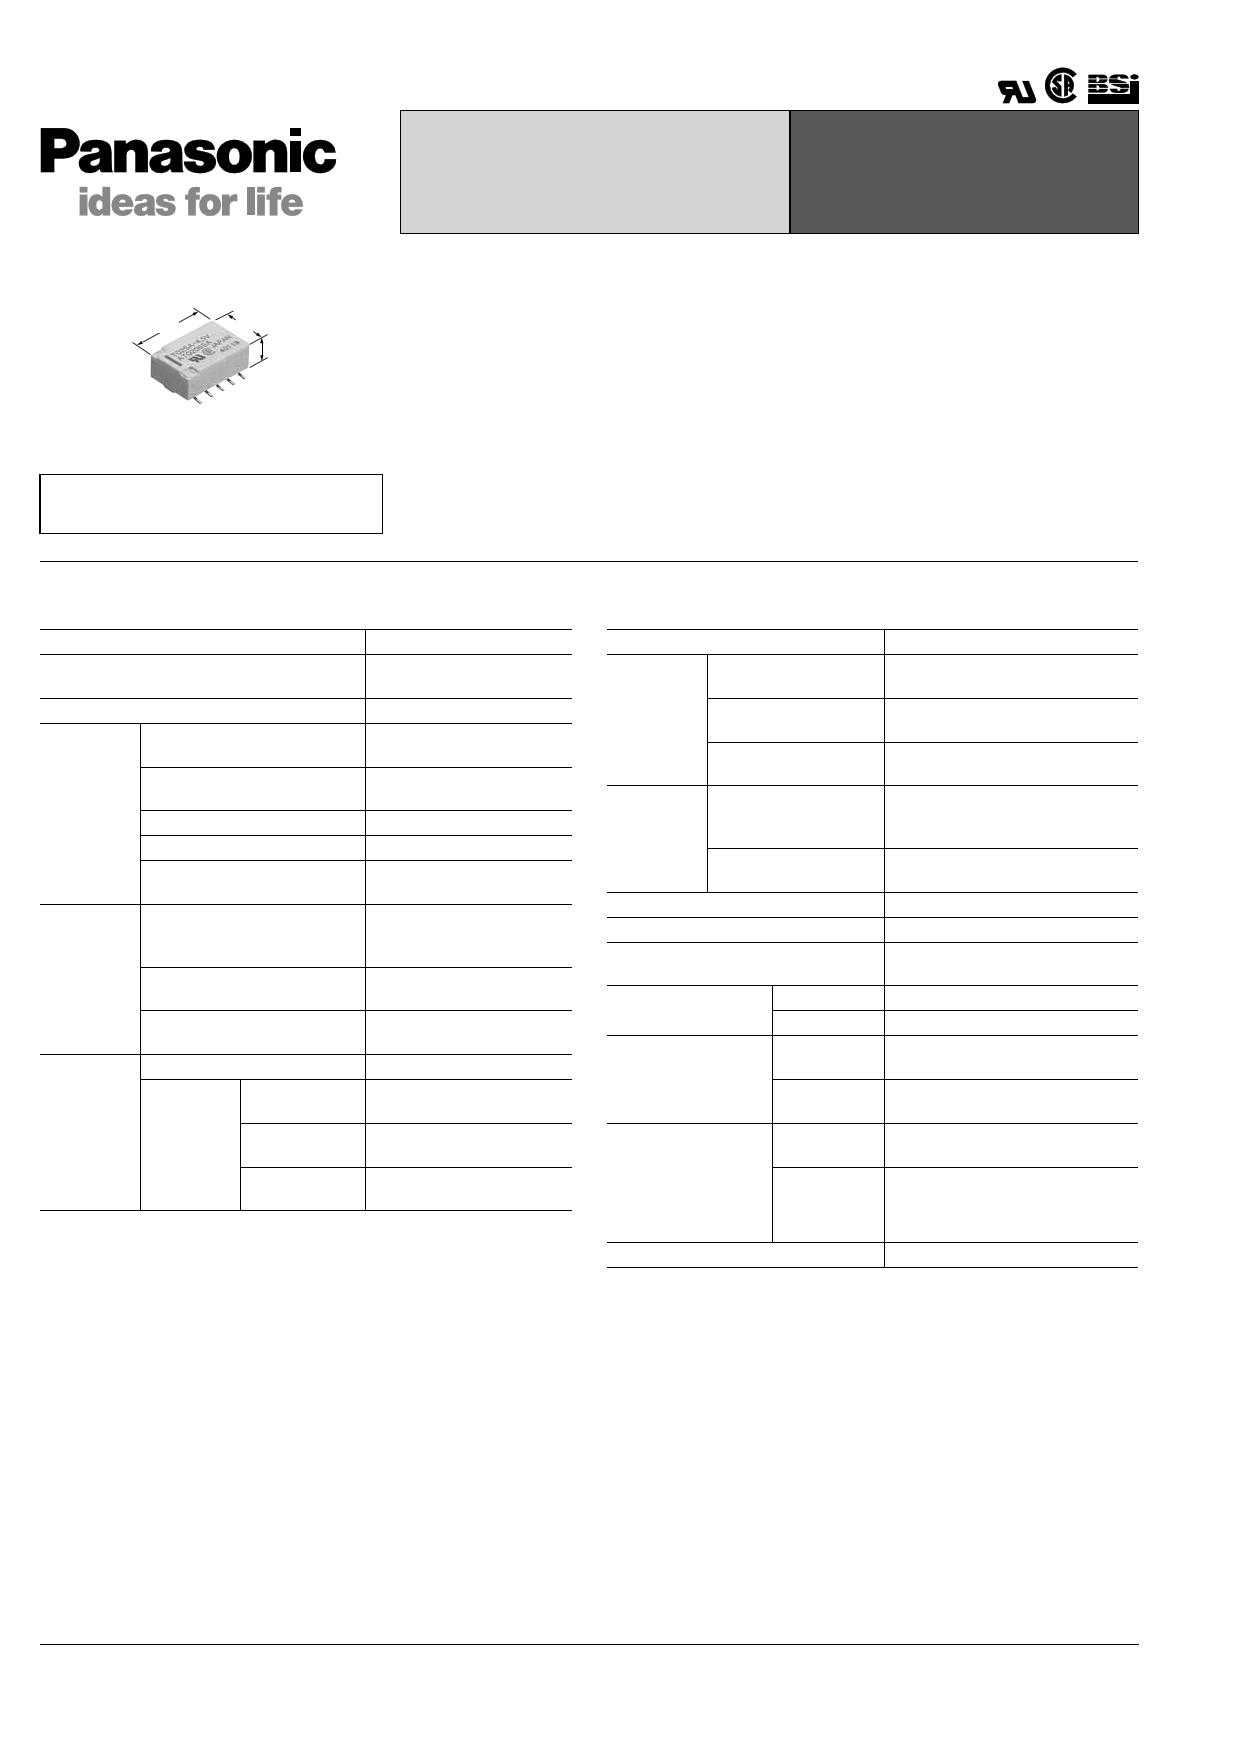 TQ2SS-9V 데이터시트 및 TQ2SS-9V PDF